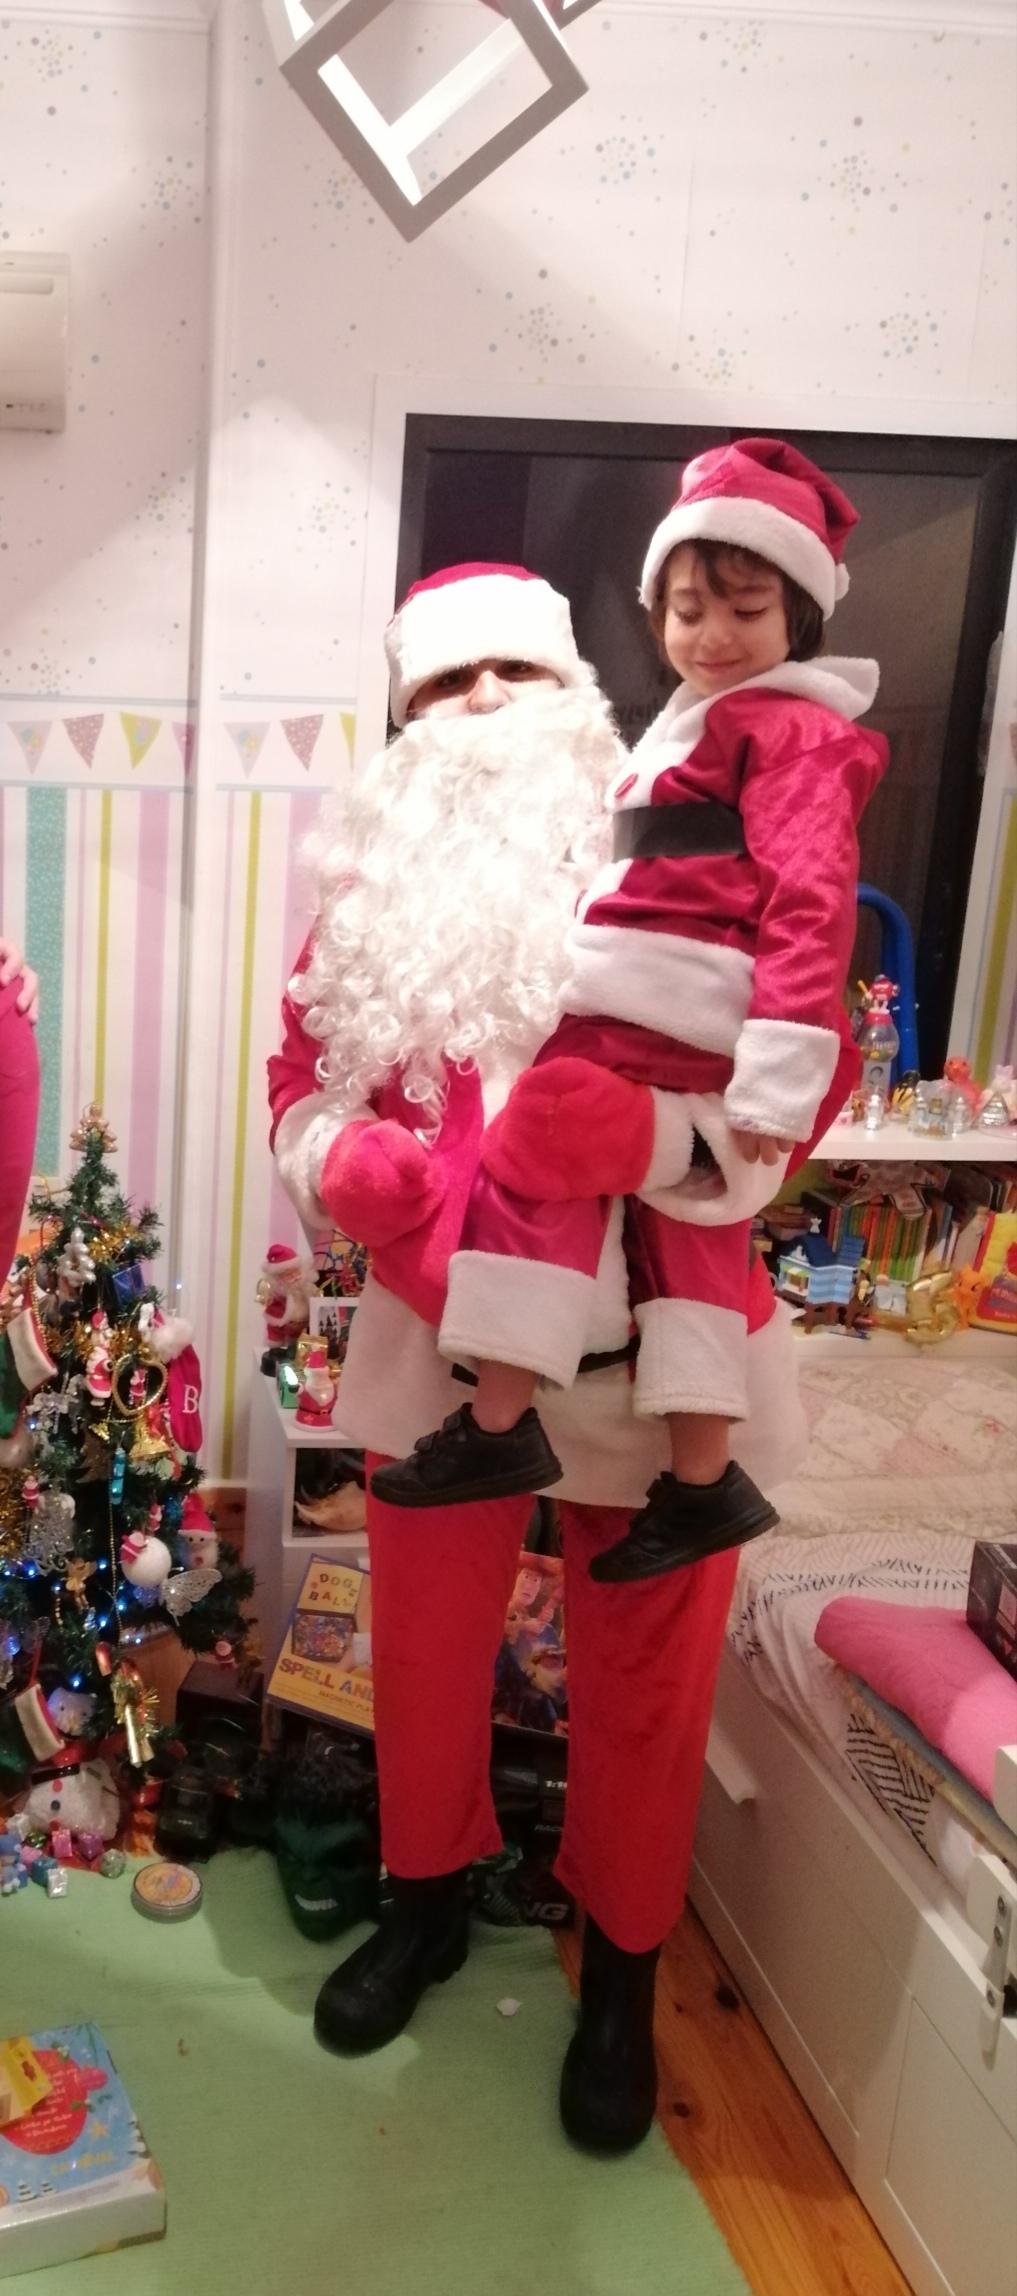 بابا نويل الأطفال (6)